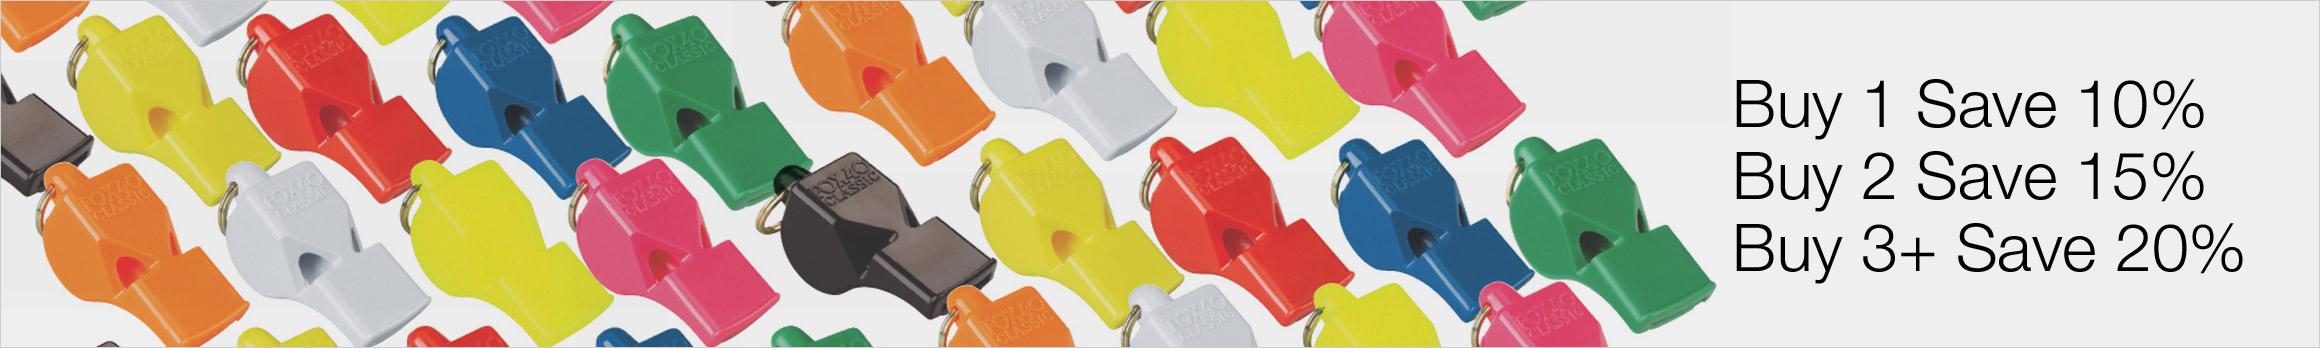 sitebanner-whistles.jpg